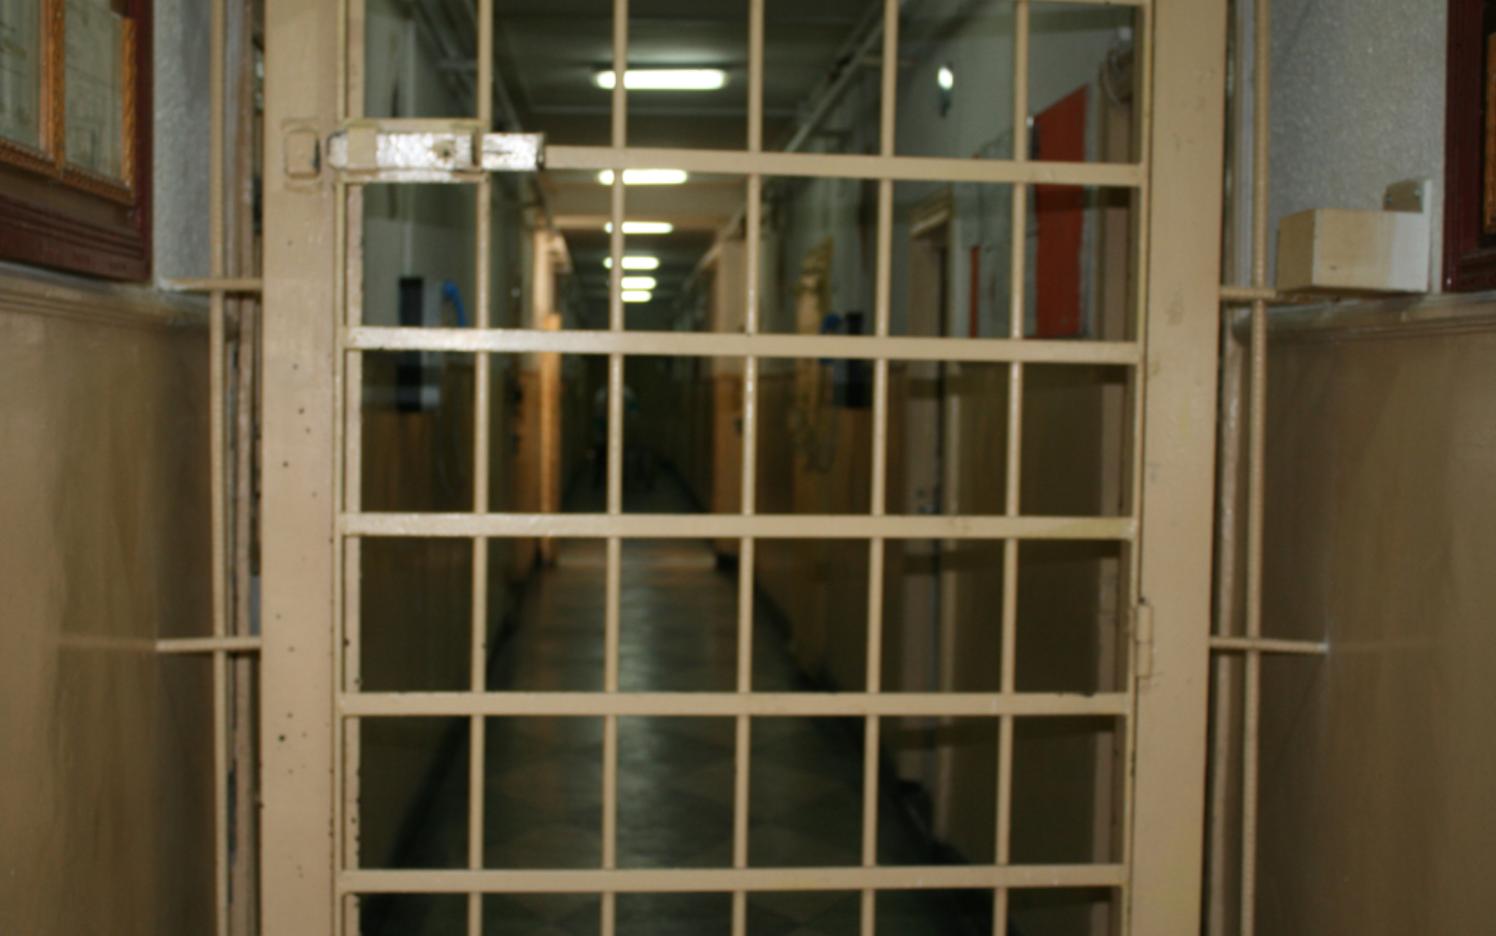 Odiosul caz al criminalului care l-a trimis la inchisoare pe viata pe colegul de celula. A devenit victima in penitenciar la scurt timp dupa ce a injunghiat un barbat